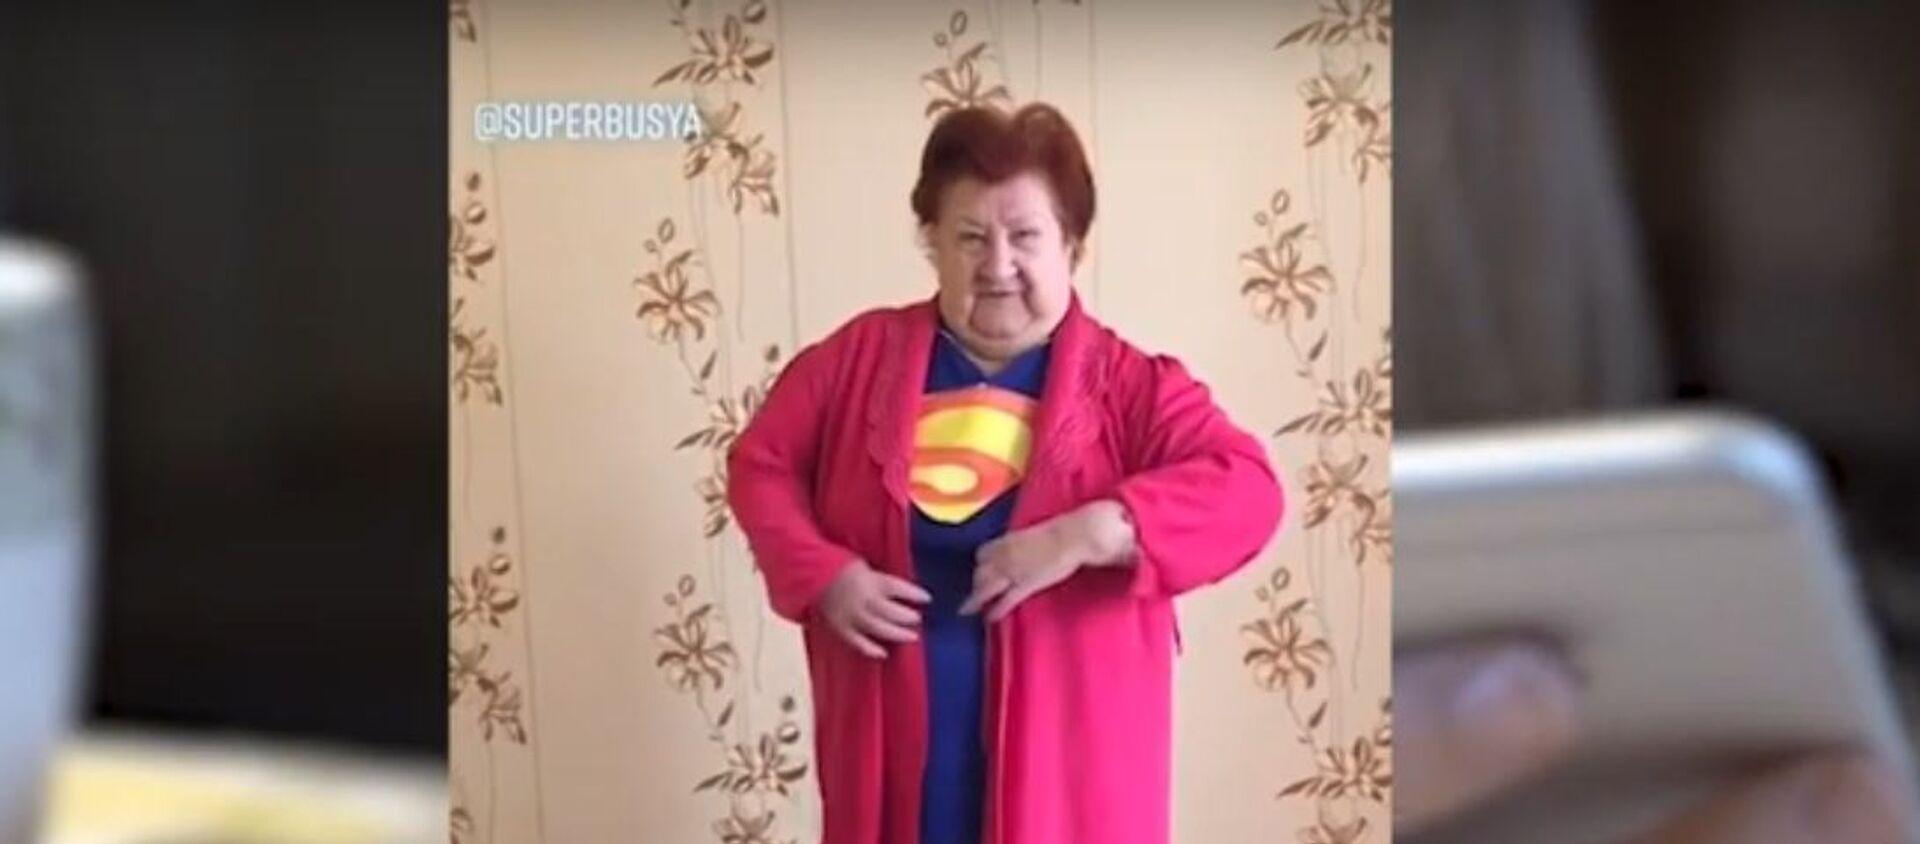 Пенсионерка взрывает интернет и собирает миллионы просмотров в TikTok - Sputnik Узбекистан, 1920, 25.02.2021